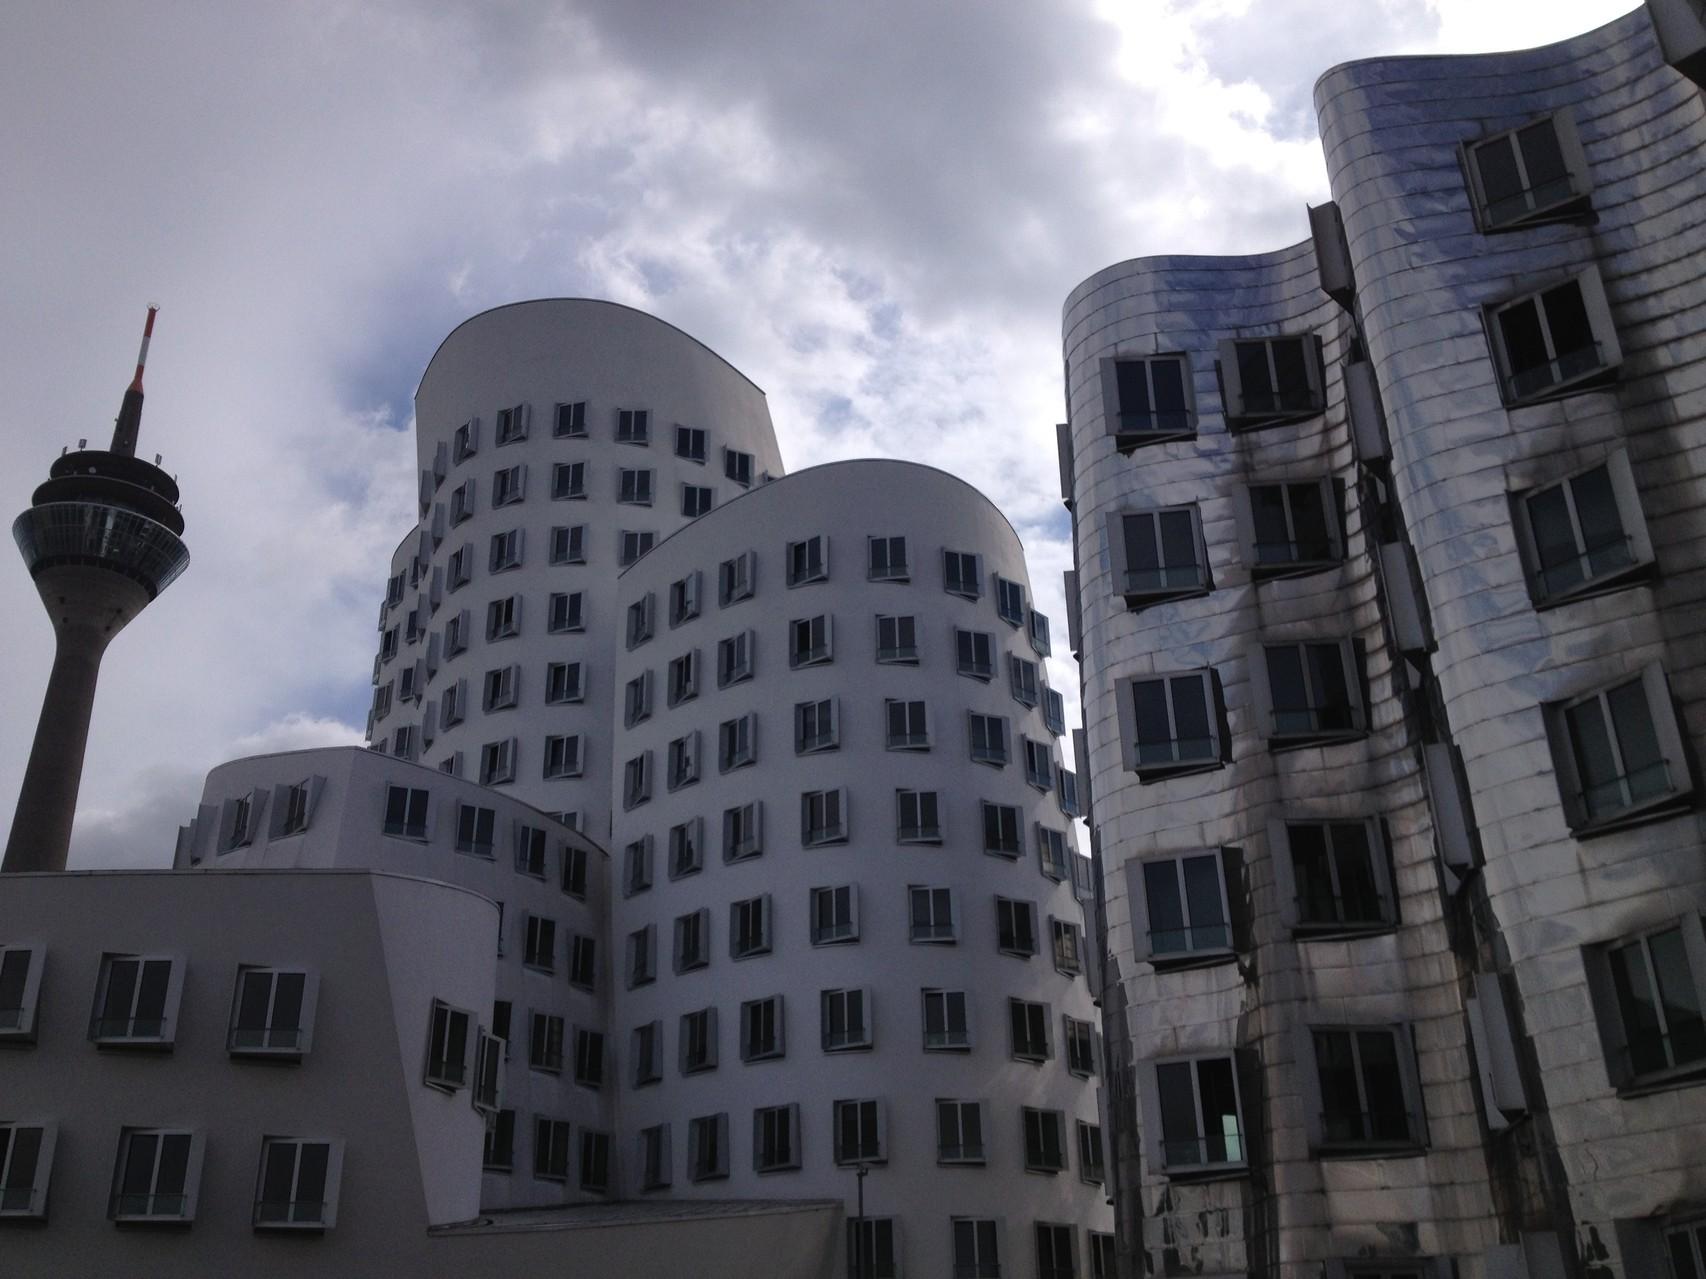 建築好きたちの巡礼スポット「メディエンハーフェン」